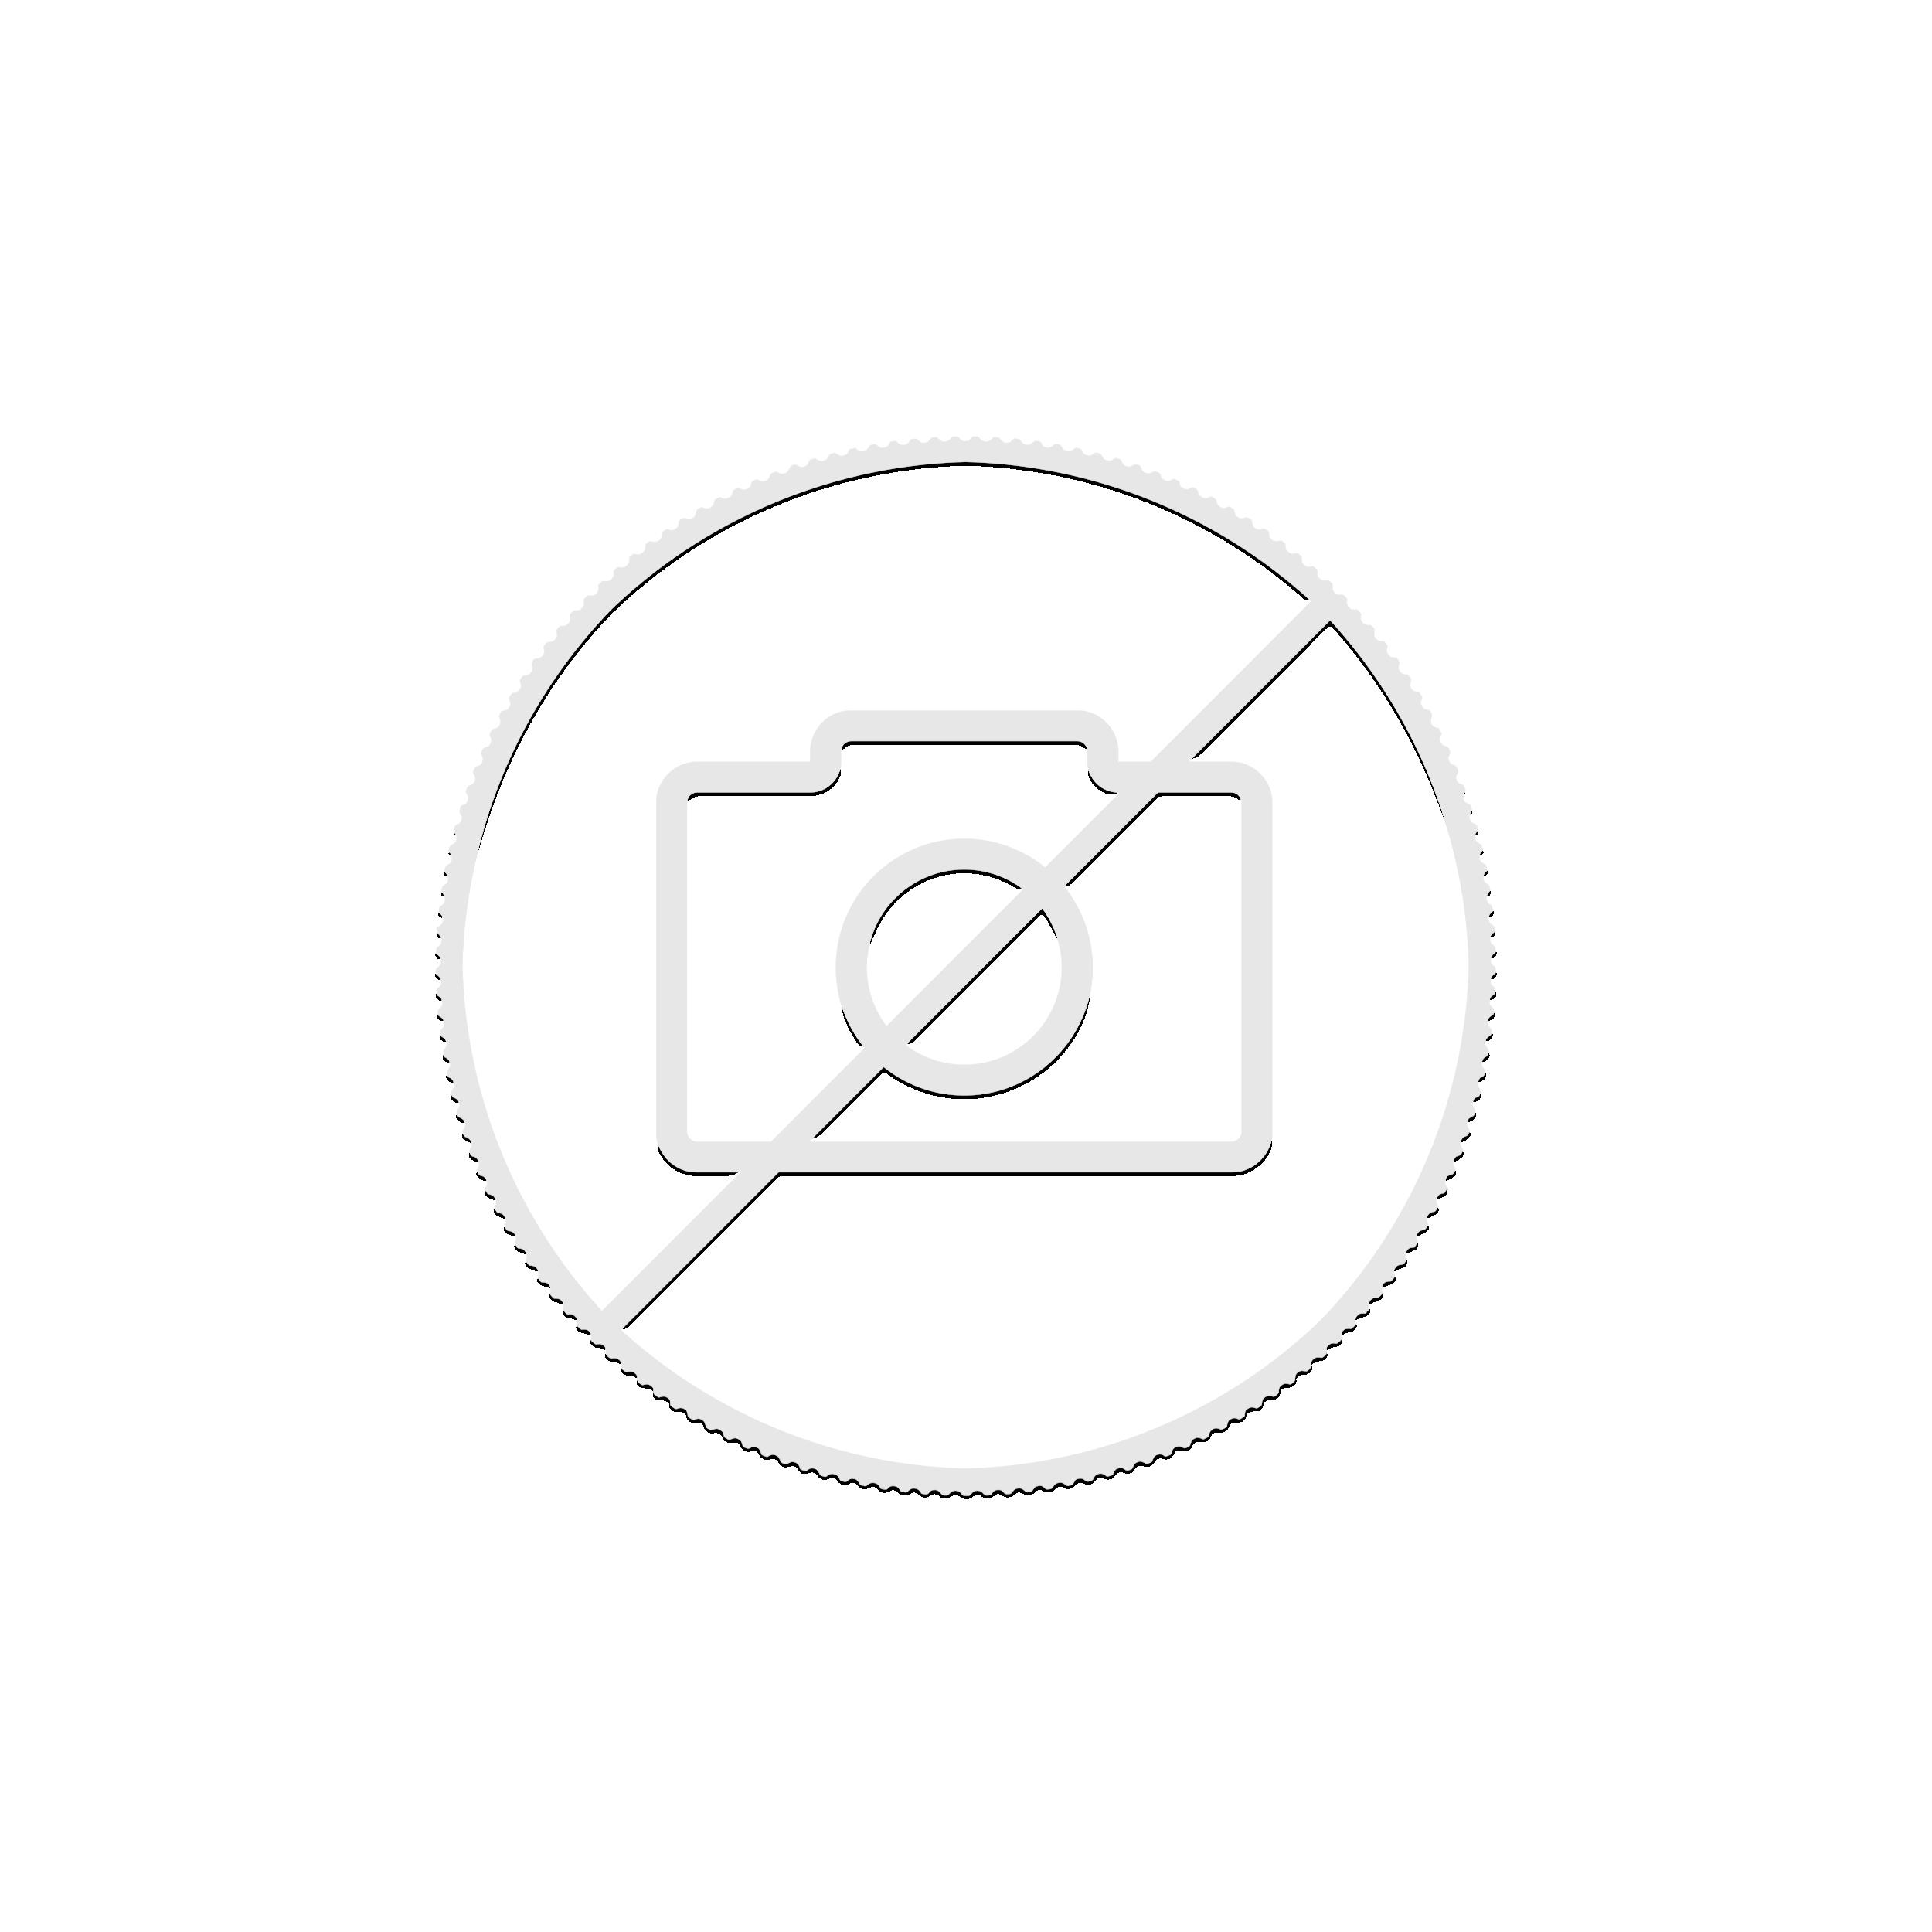 10 troy ounce zilveren Lunar munt 2020 - het jaar van de muis